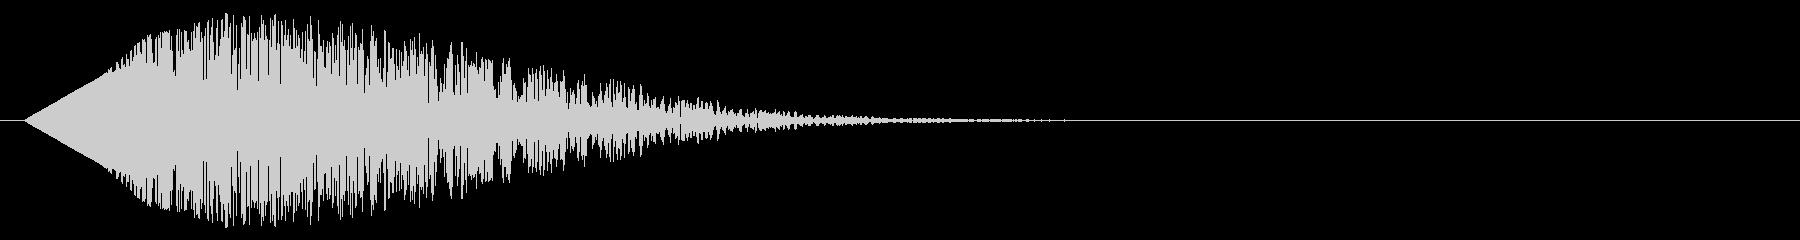 コミカルな音・「ボワワ〜ン」の未再生の波形